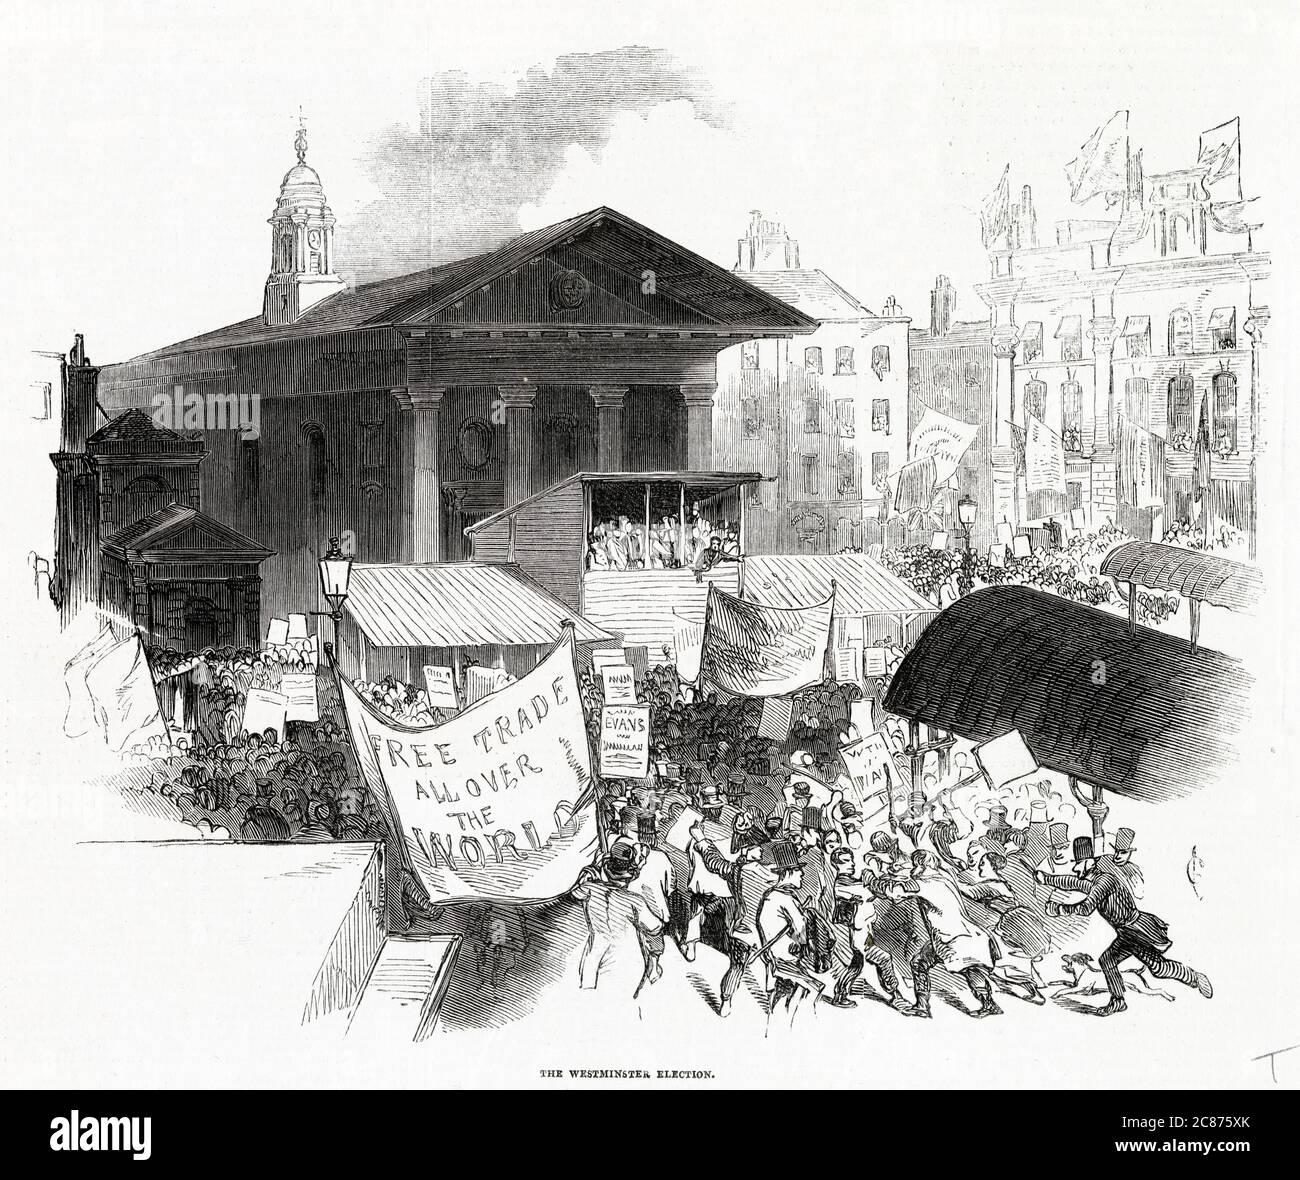 Le libre-échange est le grand sujet de la réunion électorale de Westminster Date: 1846 Banque D'Images